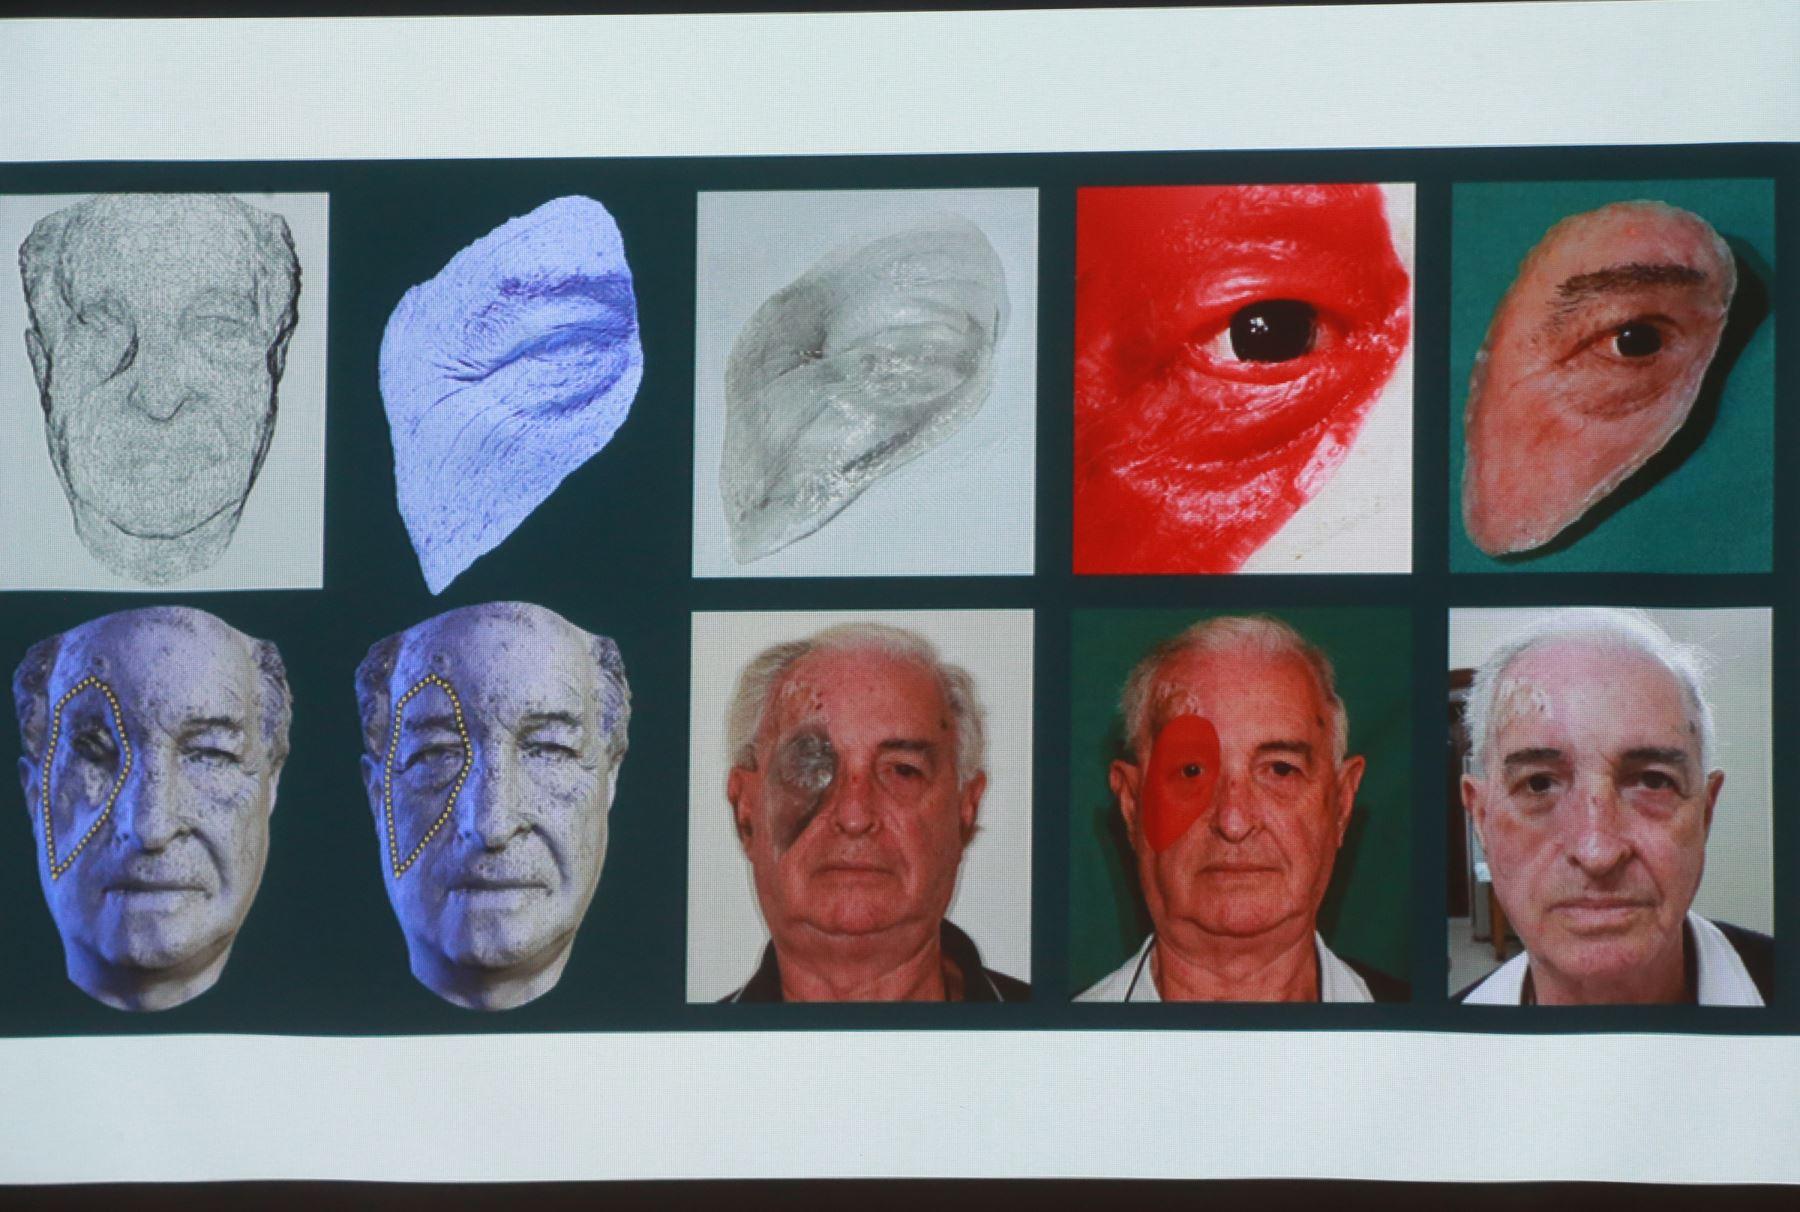 El joven cirujano dentista, Rodrigo Salazar Gamarra propone la creación de un programa nacional de rehabilitación maxilofacial para pacientes que sufren cáncer en la boca pues accedería a prótesis facial. ANDINA/Norman Córdova